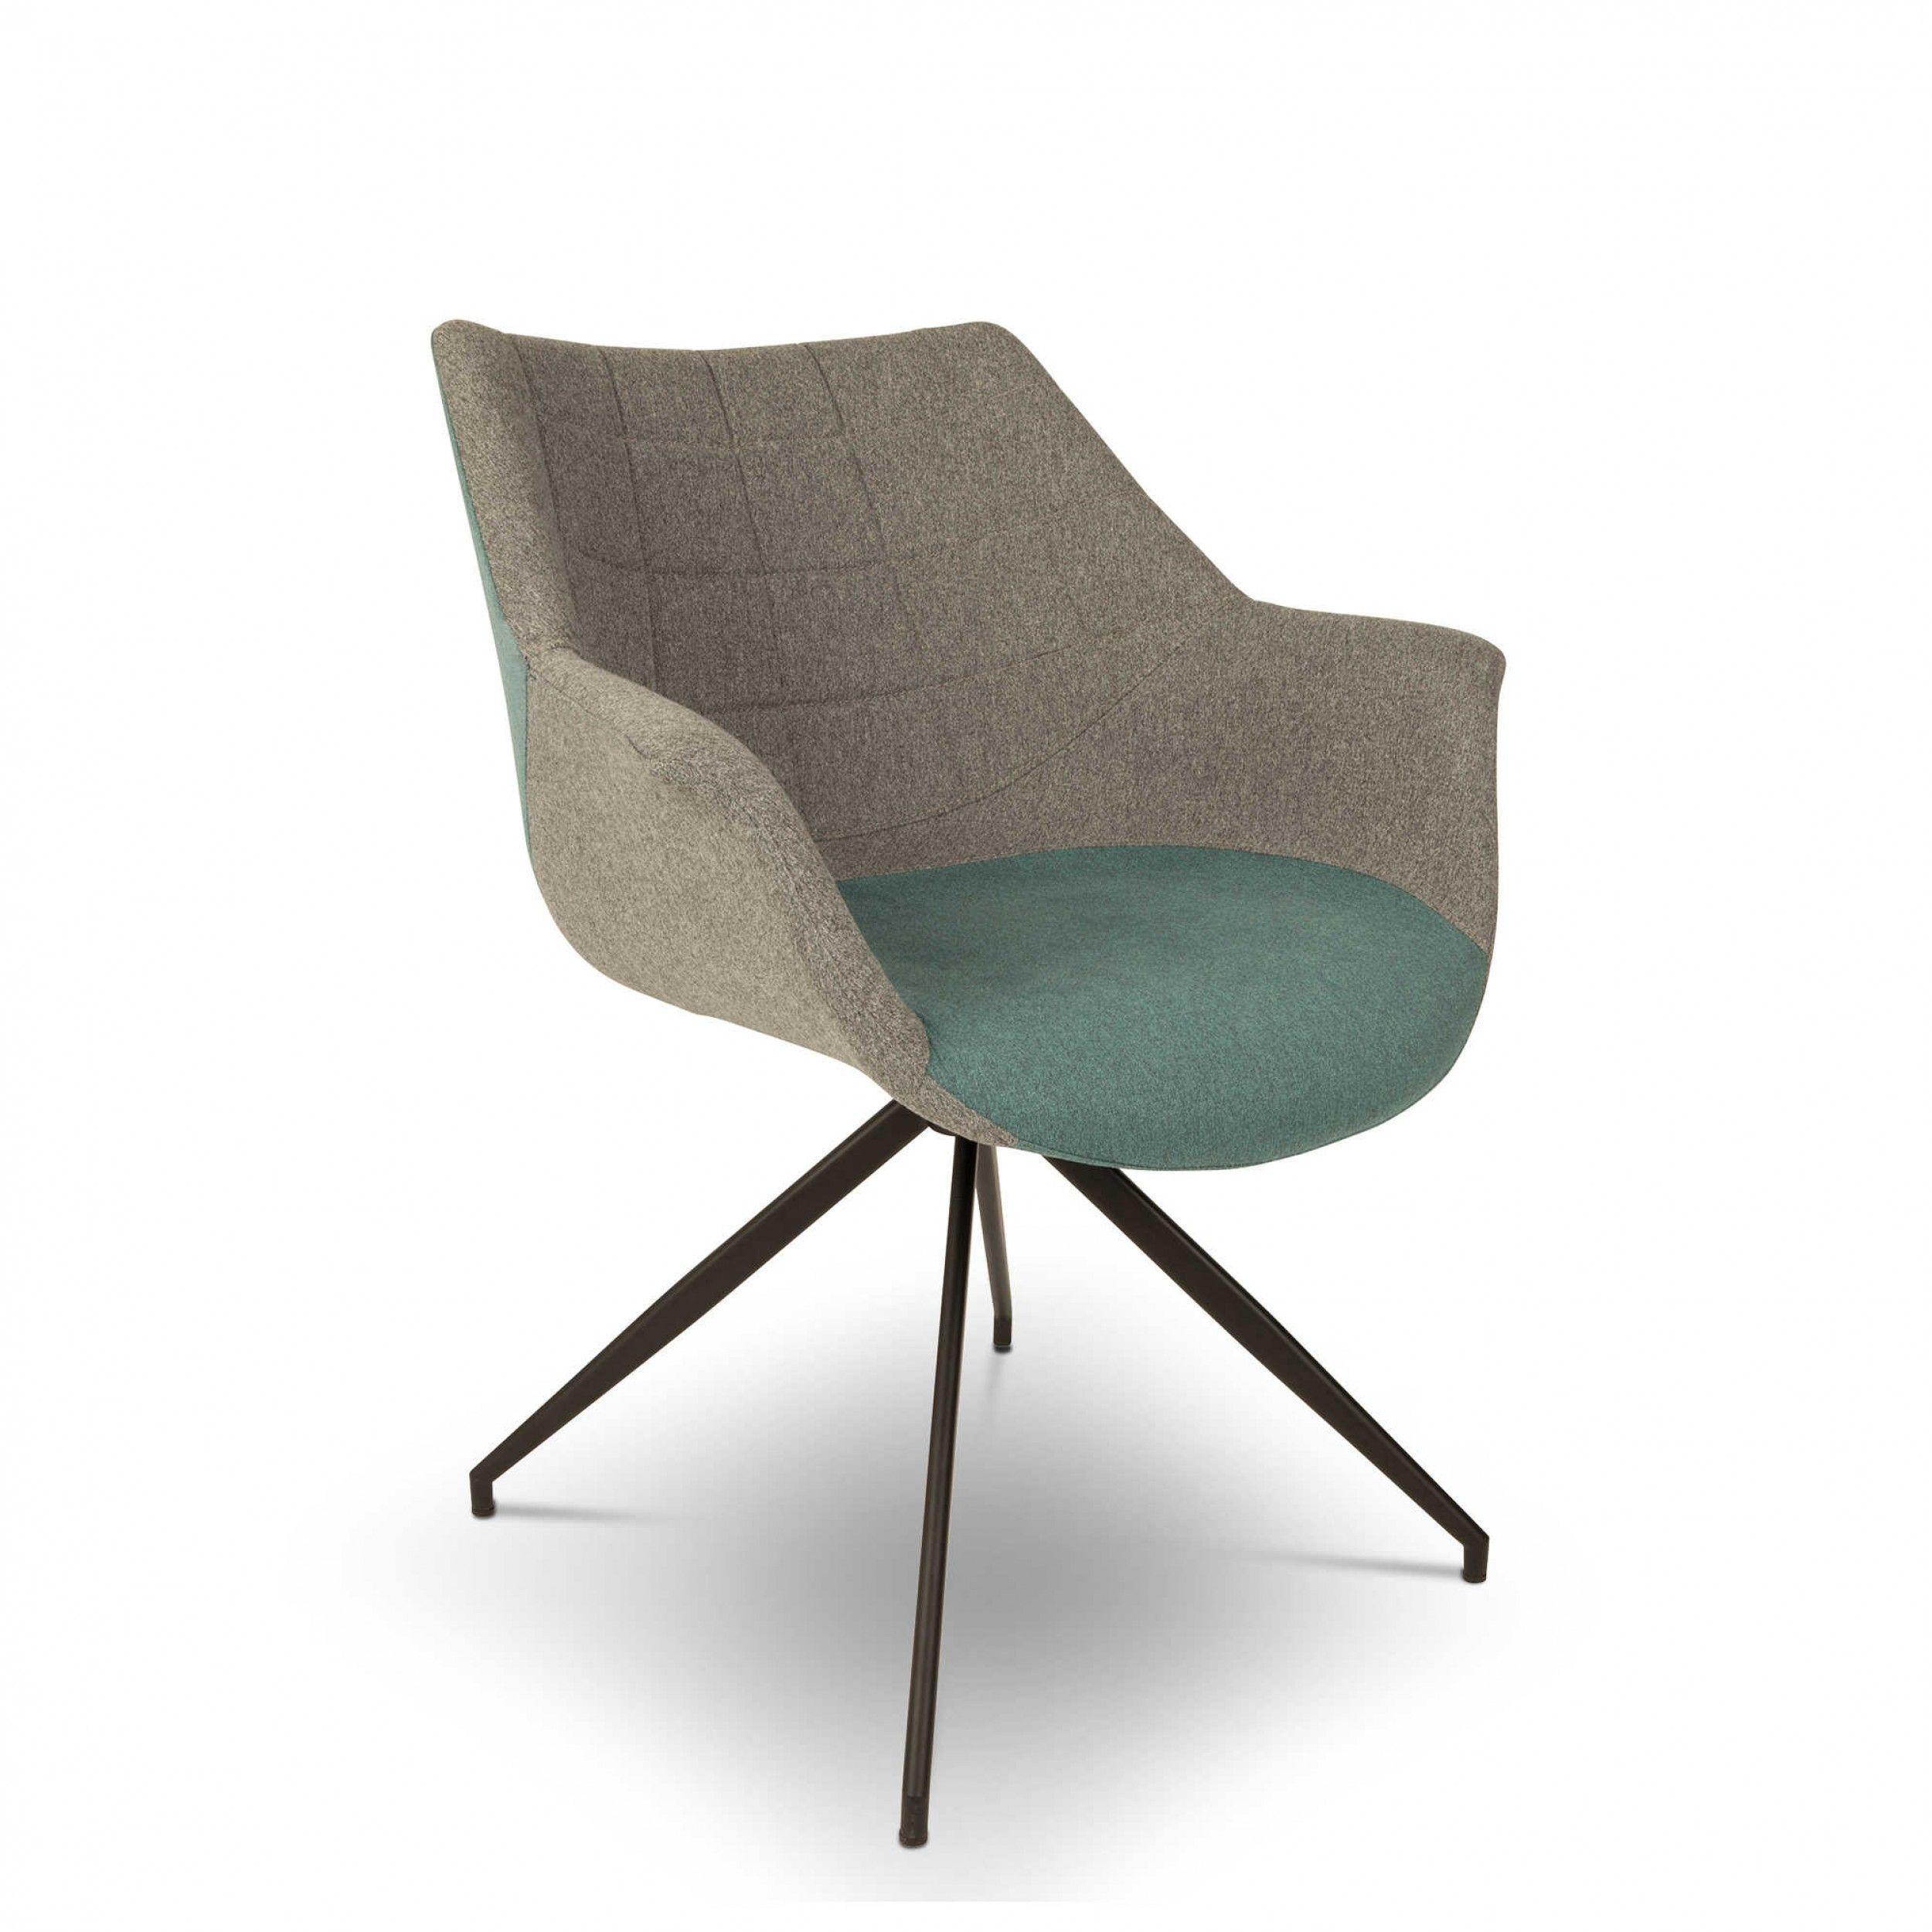 Zuiver Stuhl Doulton blau 4 Fuß Stühle Stühle